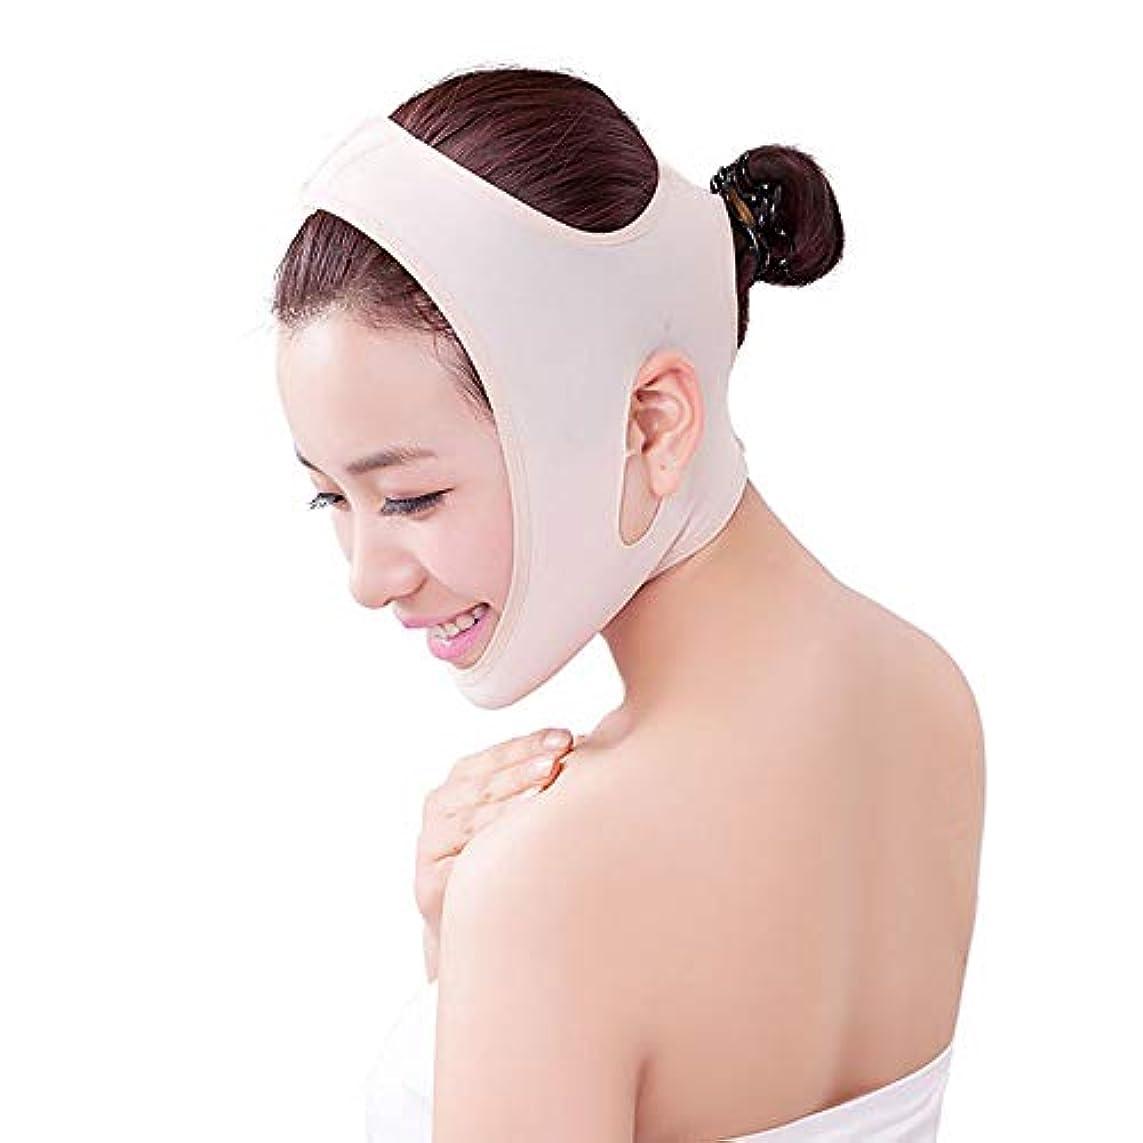 サイトシェトランド諸島ねじれフェイスリフティング包帯、ダブルチンリフト、法律、男性用および女性用マスクへの固着、vフェイスマスク,XL